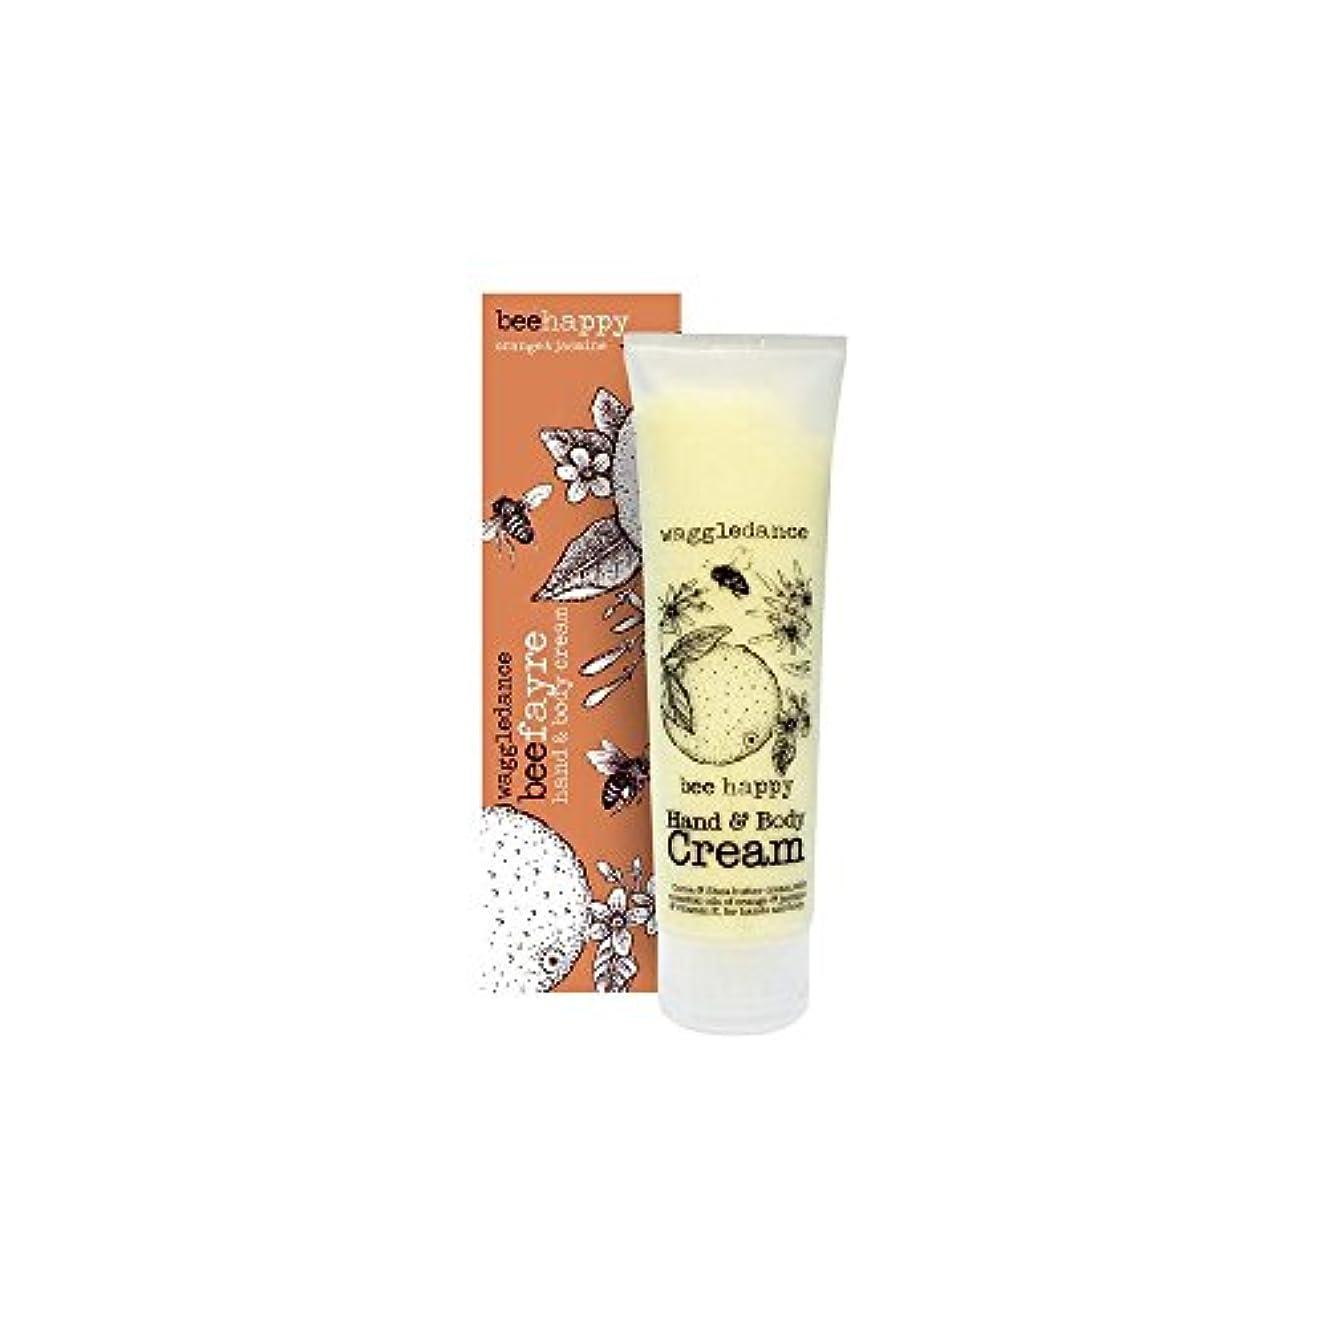 障害者気づくなる郵便番号Beefayre Bee Happy Hand & Body Cream (100ml) Beefayre蜂幸せな手とボディクリーム( 100ミリリットル) [並行輸入品]